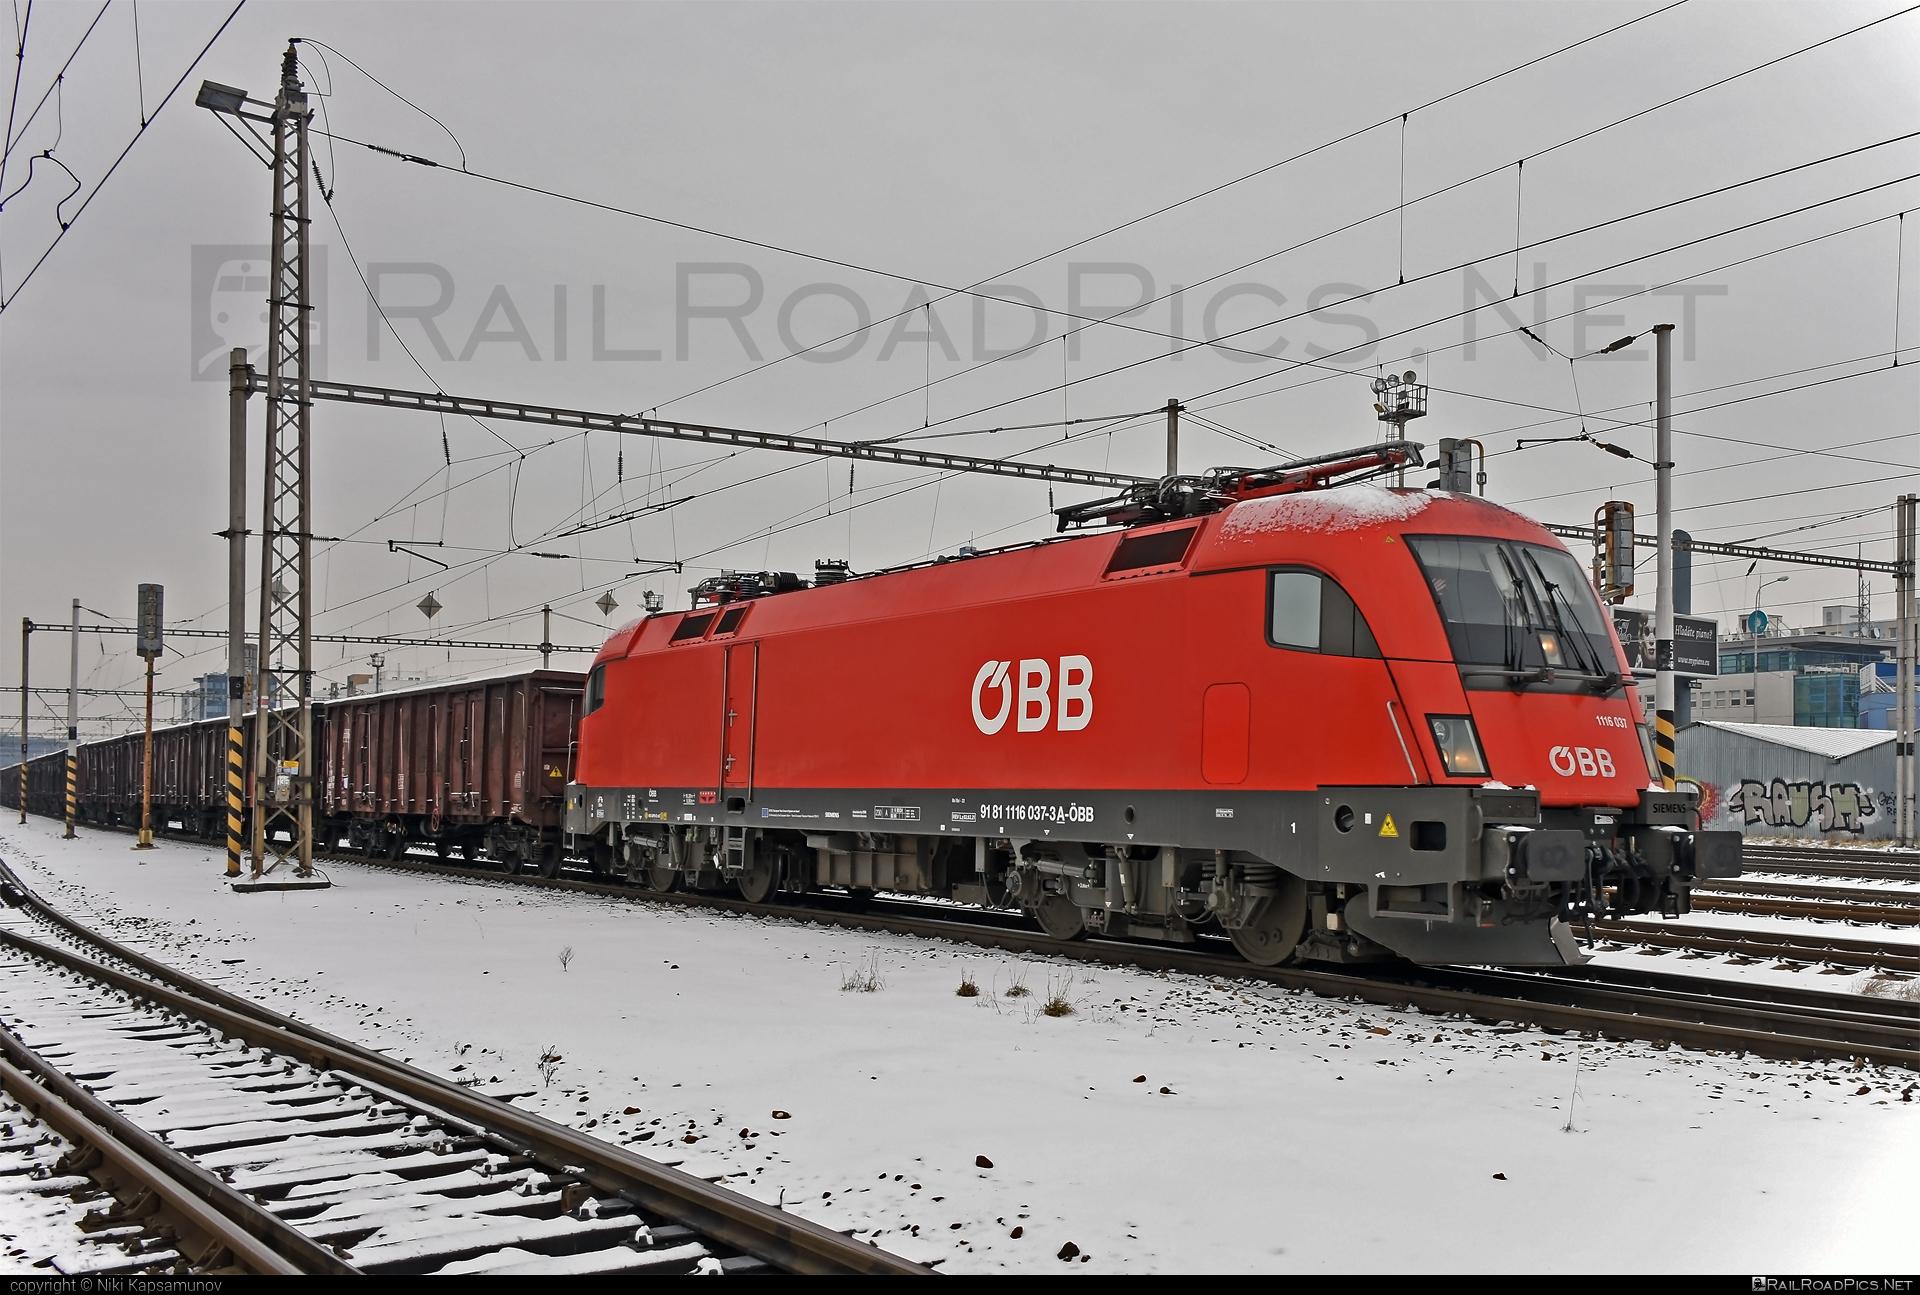 Siemens ES 64 U2 - 1116 037 operated by Rail Cargo Austria AG #es64 #es64u #es64u2 #eurosprinter #obb #osterreichischebundesbahnen #rcw #siemens #siemenses64 #siemenses64u #siemenses64u2 #siemenstaurus #taurus #tauruslocomotive